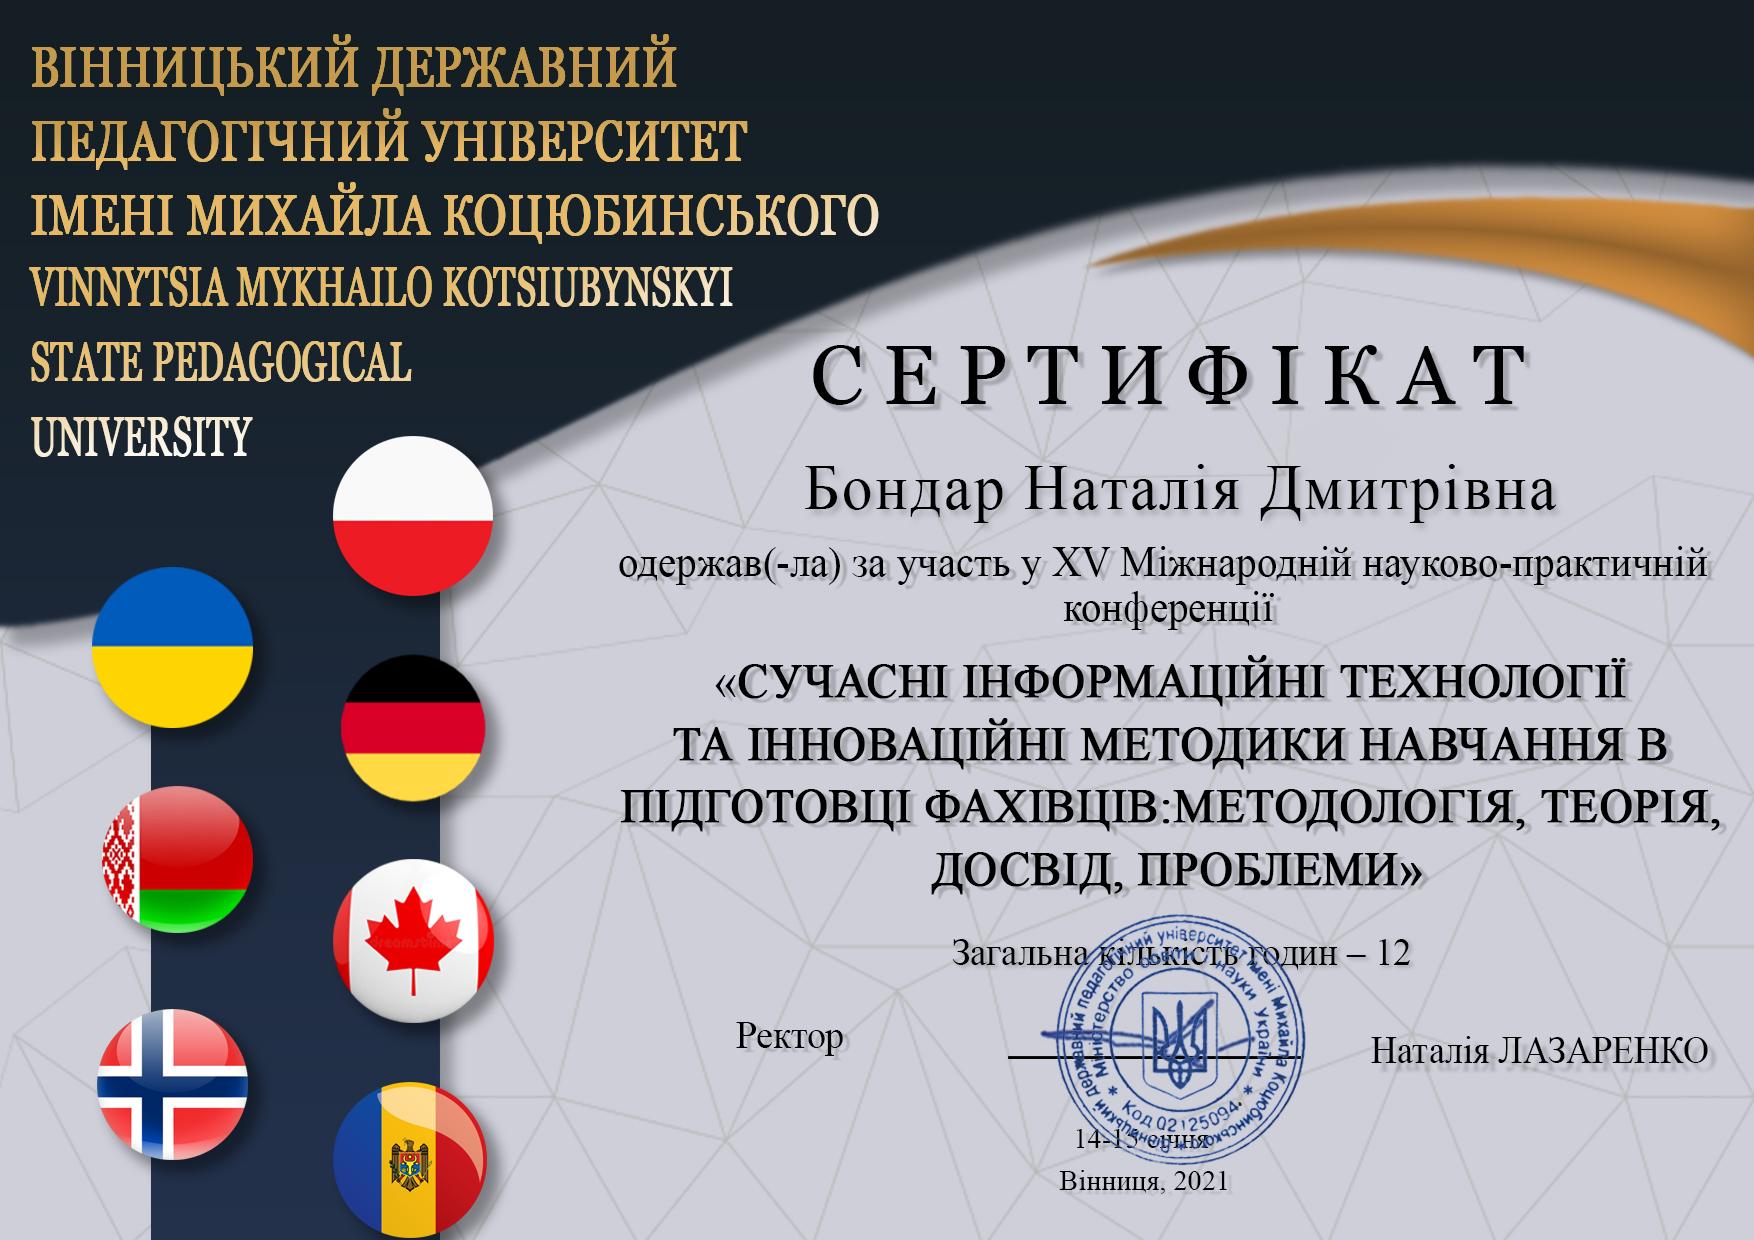 Бондар Наталія Дмитрівна